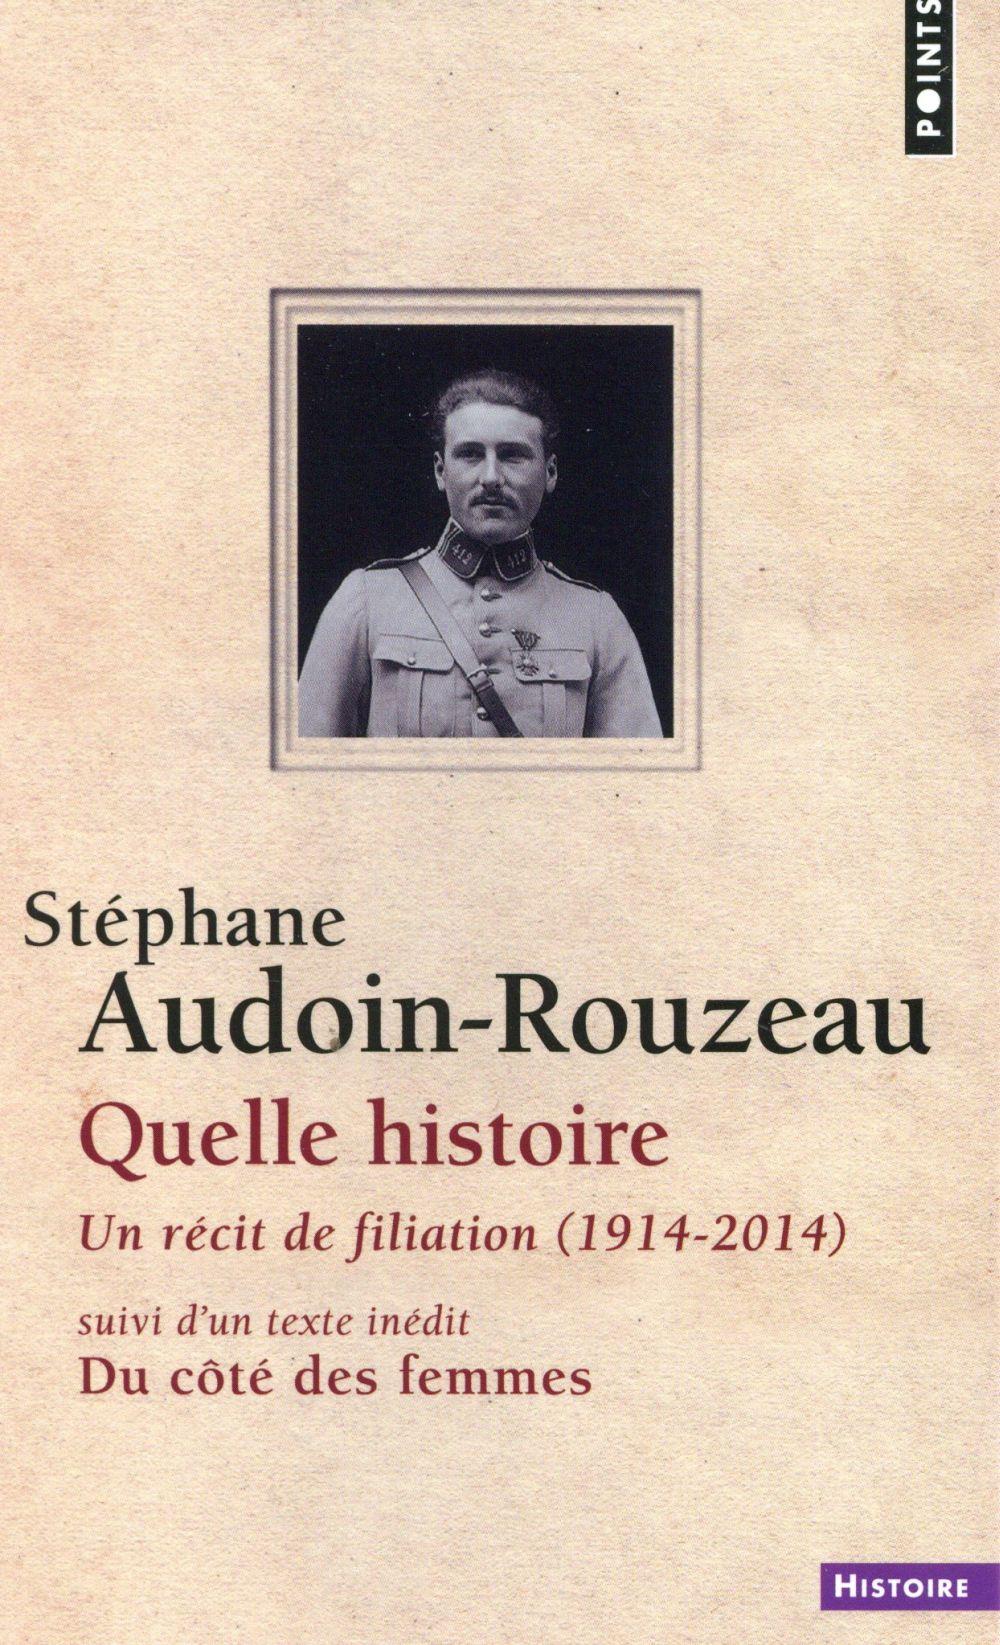 QUELLE HISTOIRE. UN RECIT DE FILIATION (1914-2014)